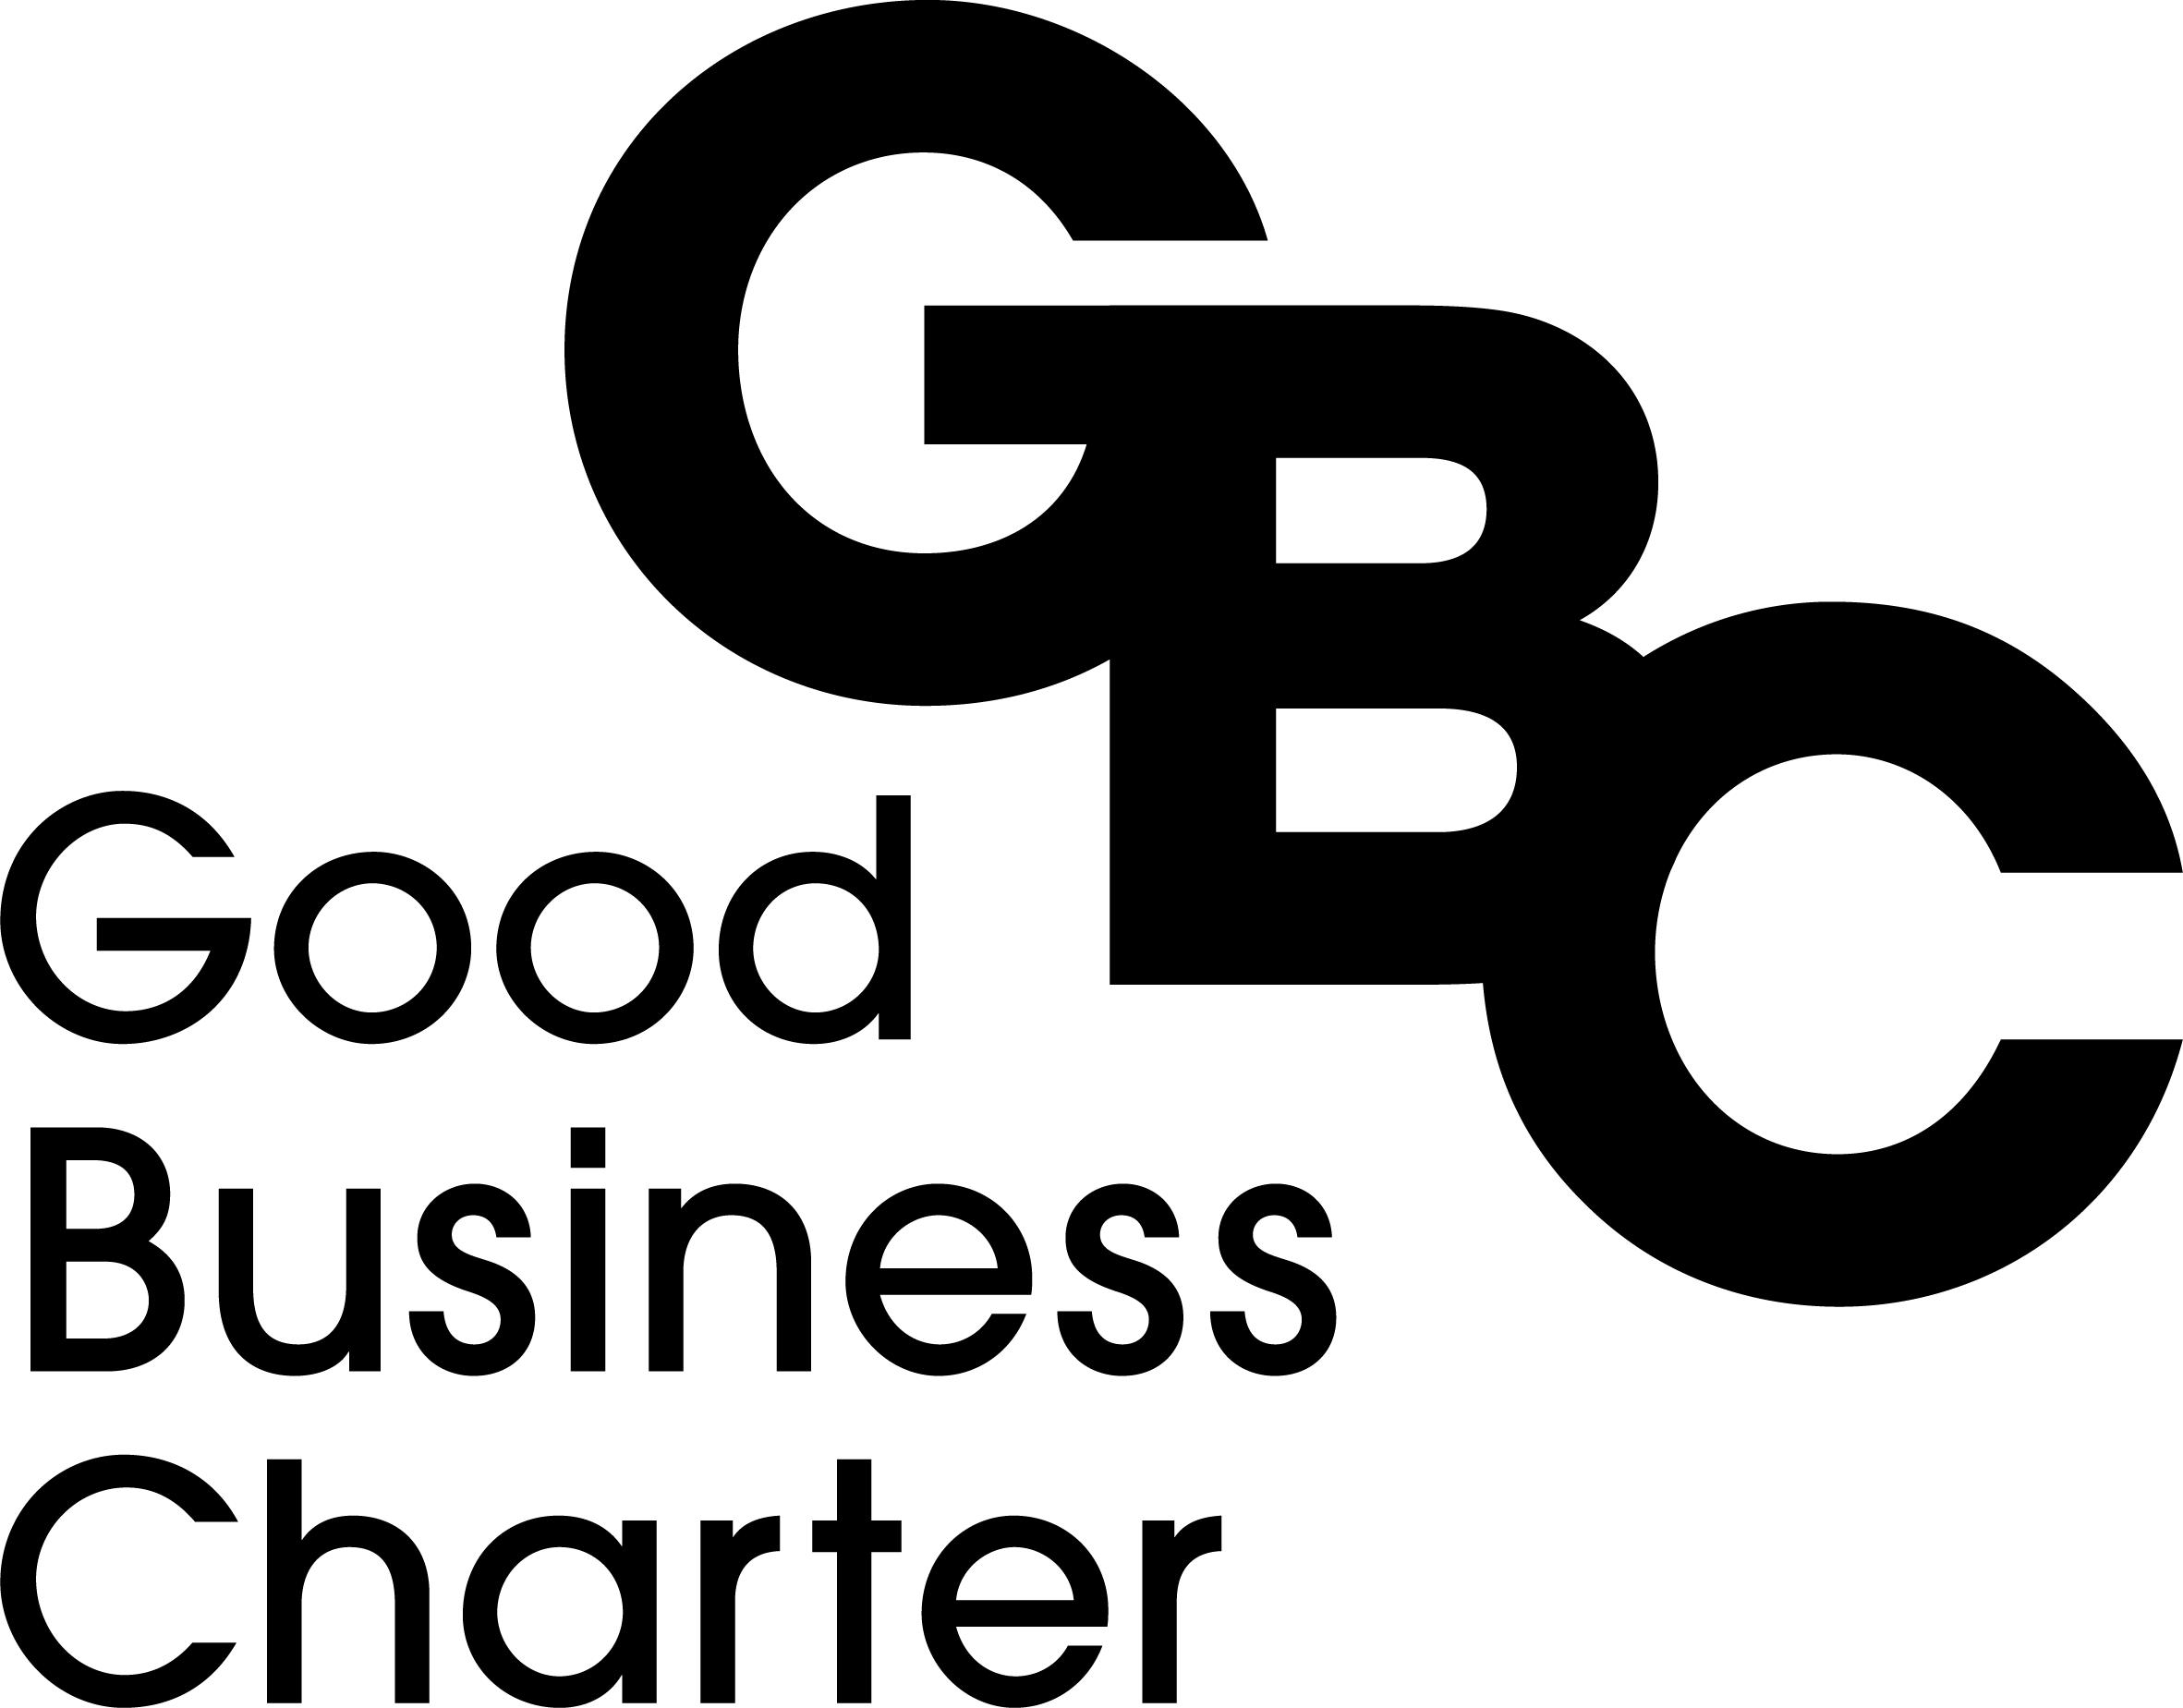 Good Business Charter Logo